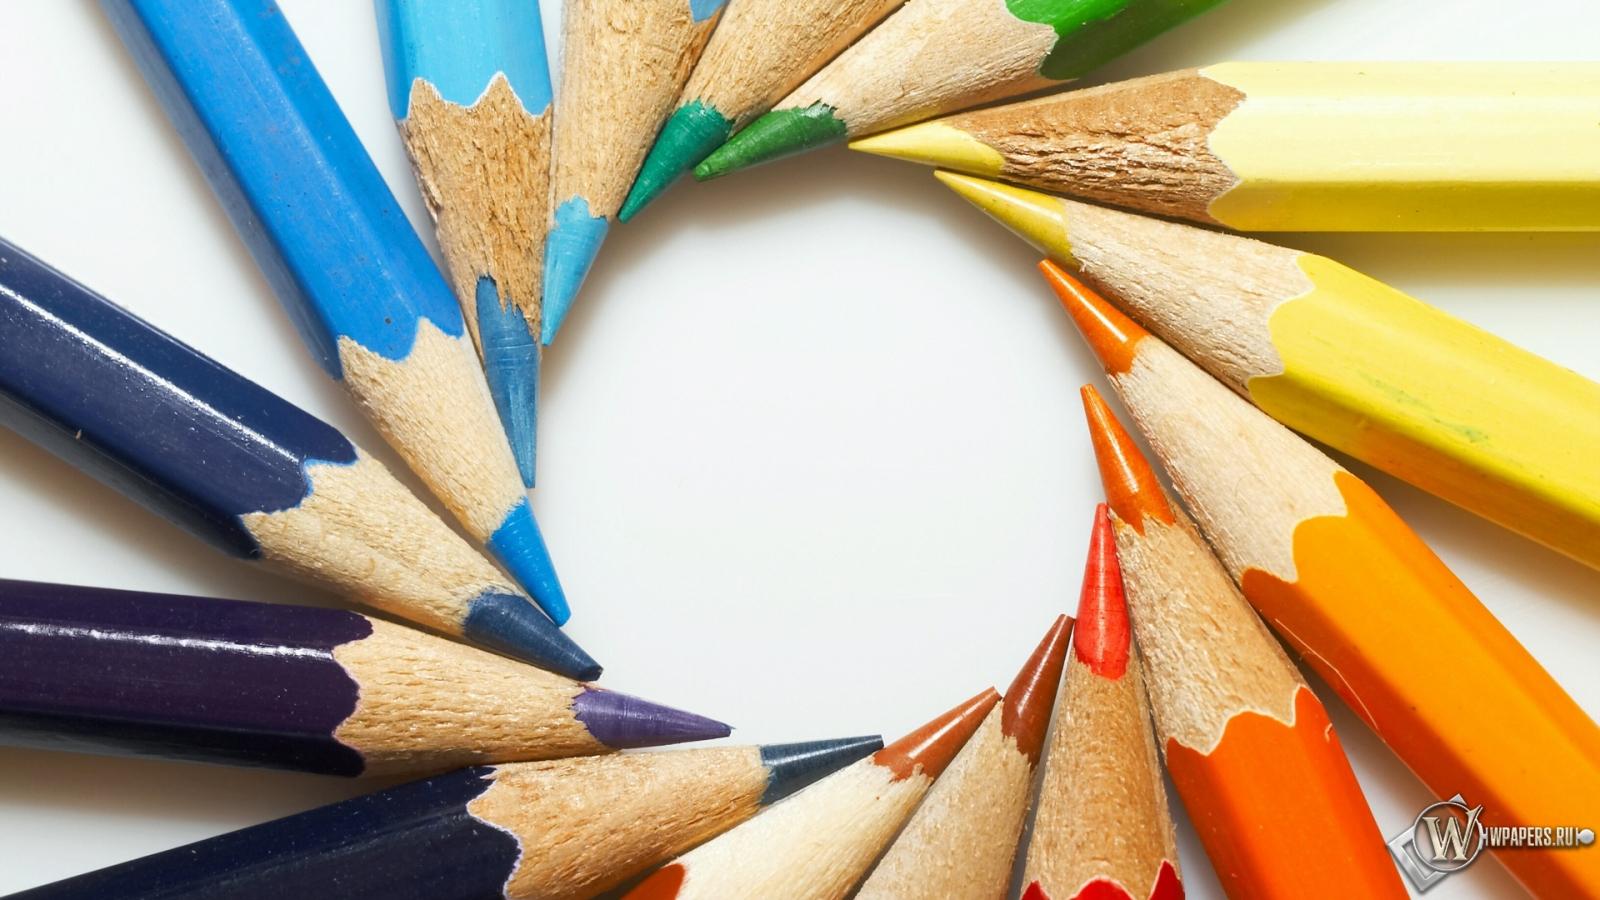 Цветные карандаши 1600x900